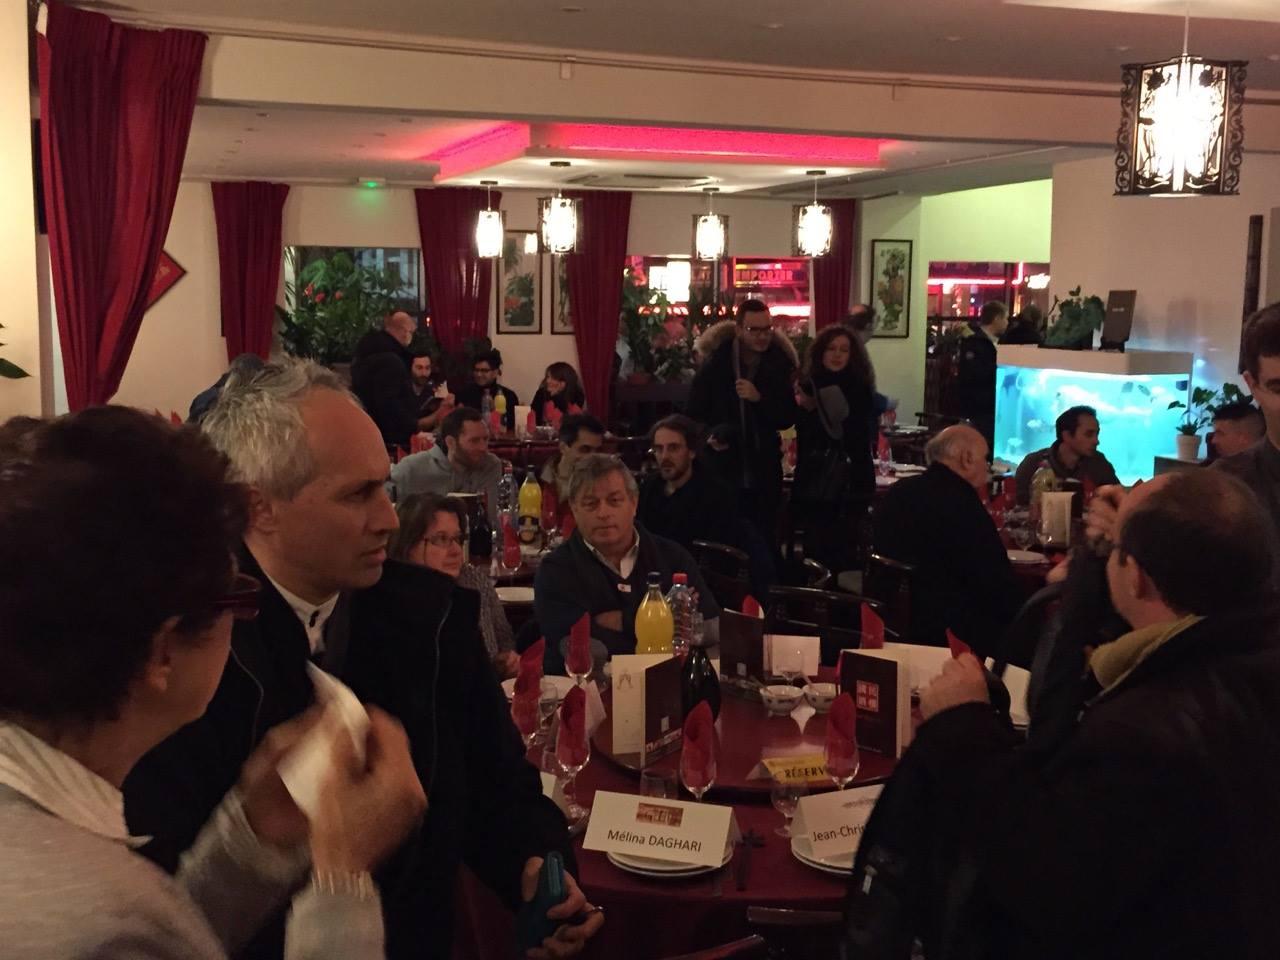 Reunion Repas Ufologique du 24 janvier 2015